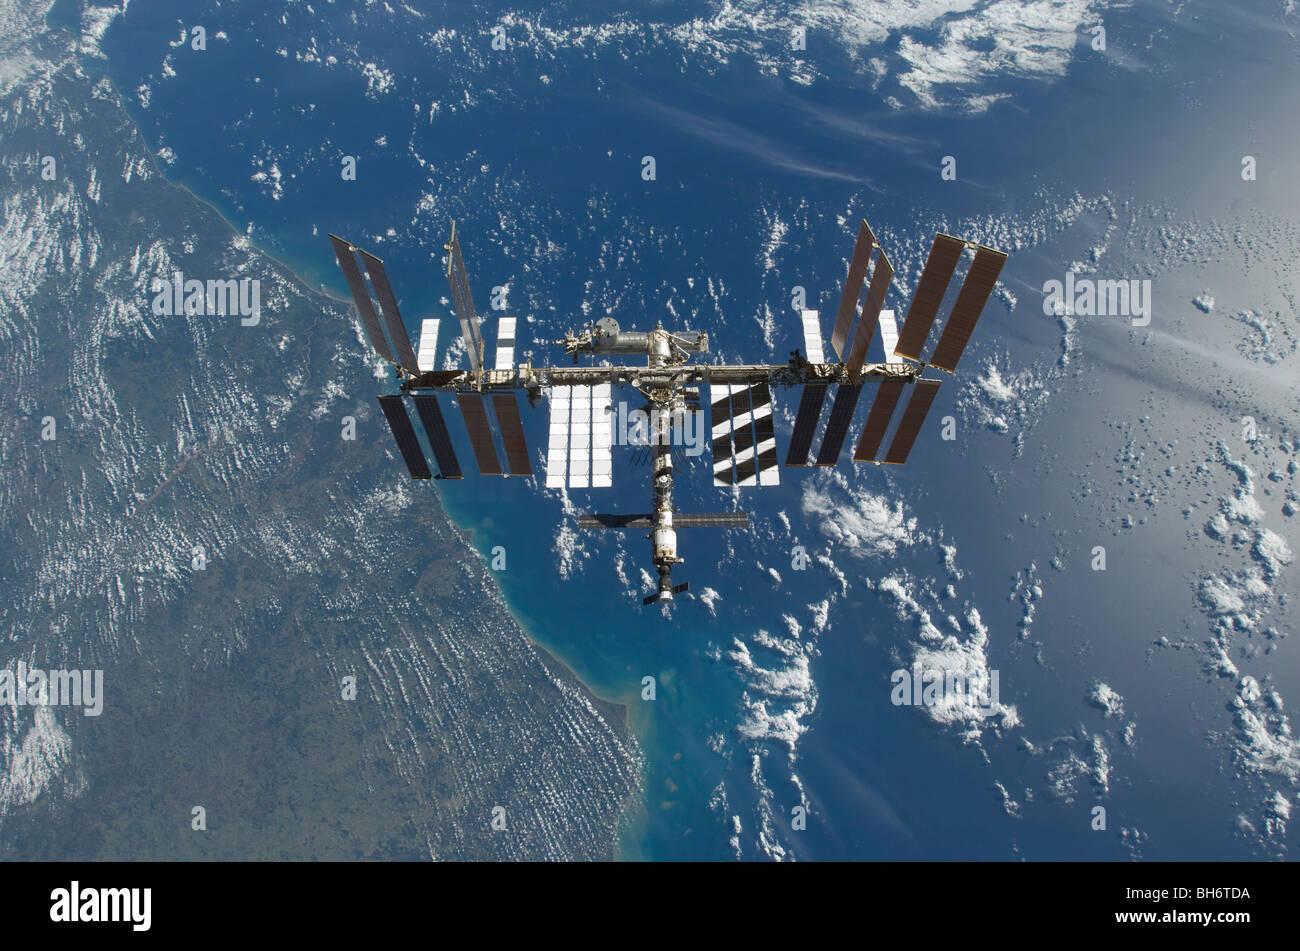 25 novembre 2009 - La Station spatiale internationale en orbite au-dessus de la Terre. Photo Stock